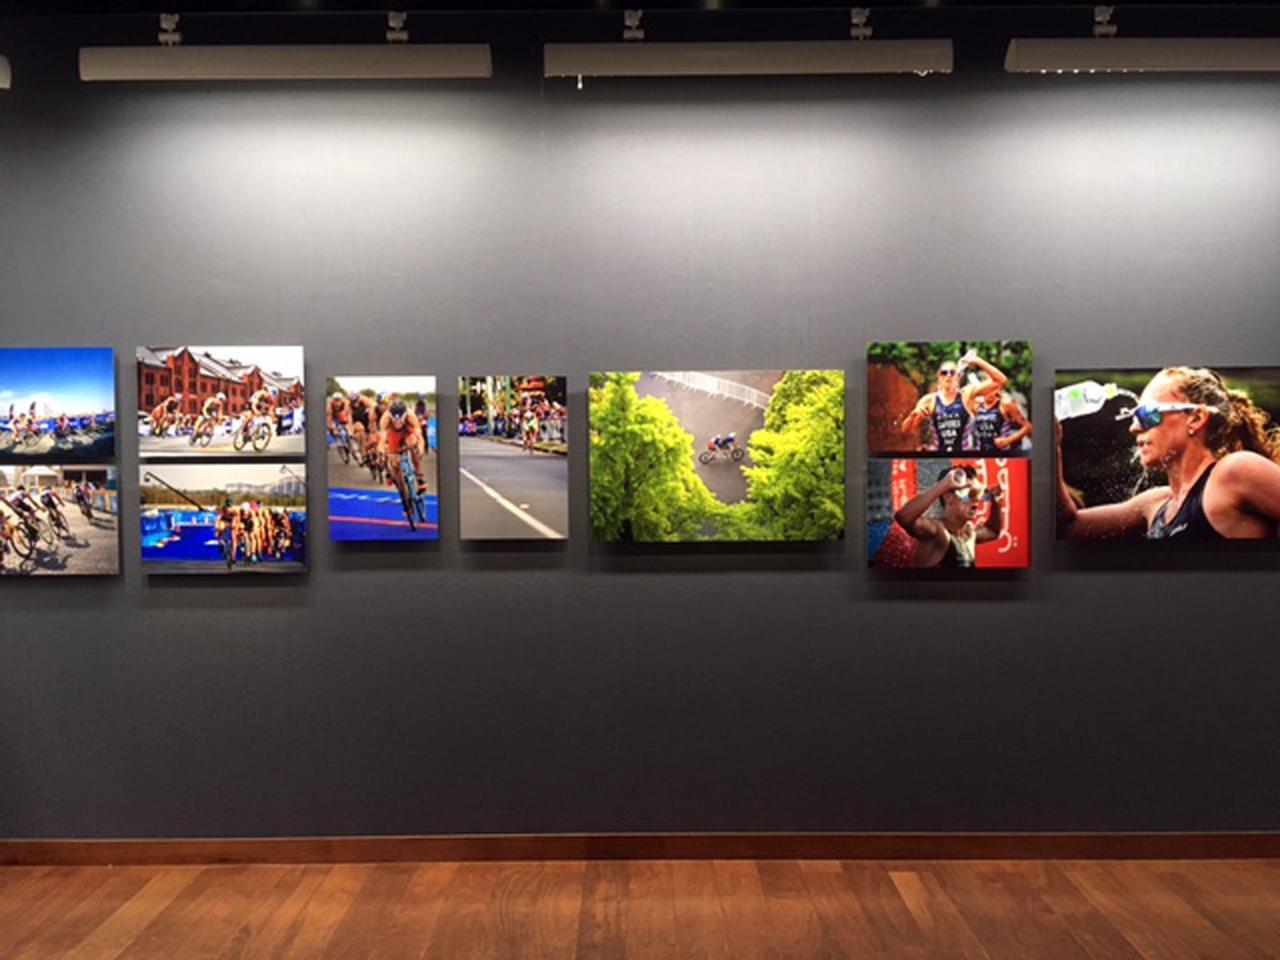 画像3: 泉 悟朗 トライアスロン報道写真展『PASSION/情熱』。3つのシリーズに分けて個展を開催したいと話す泉氏の、3年振り2度目の展示です。